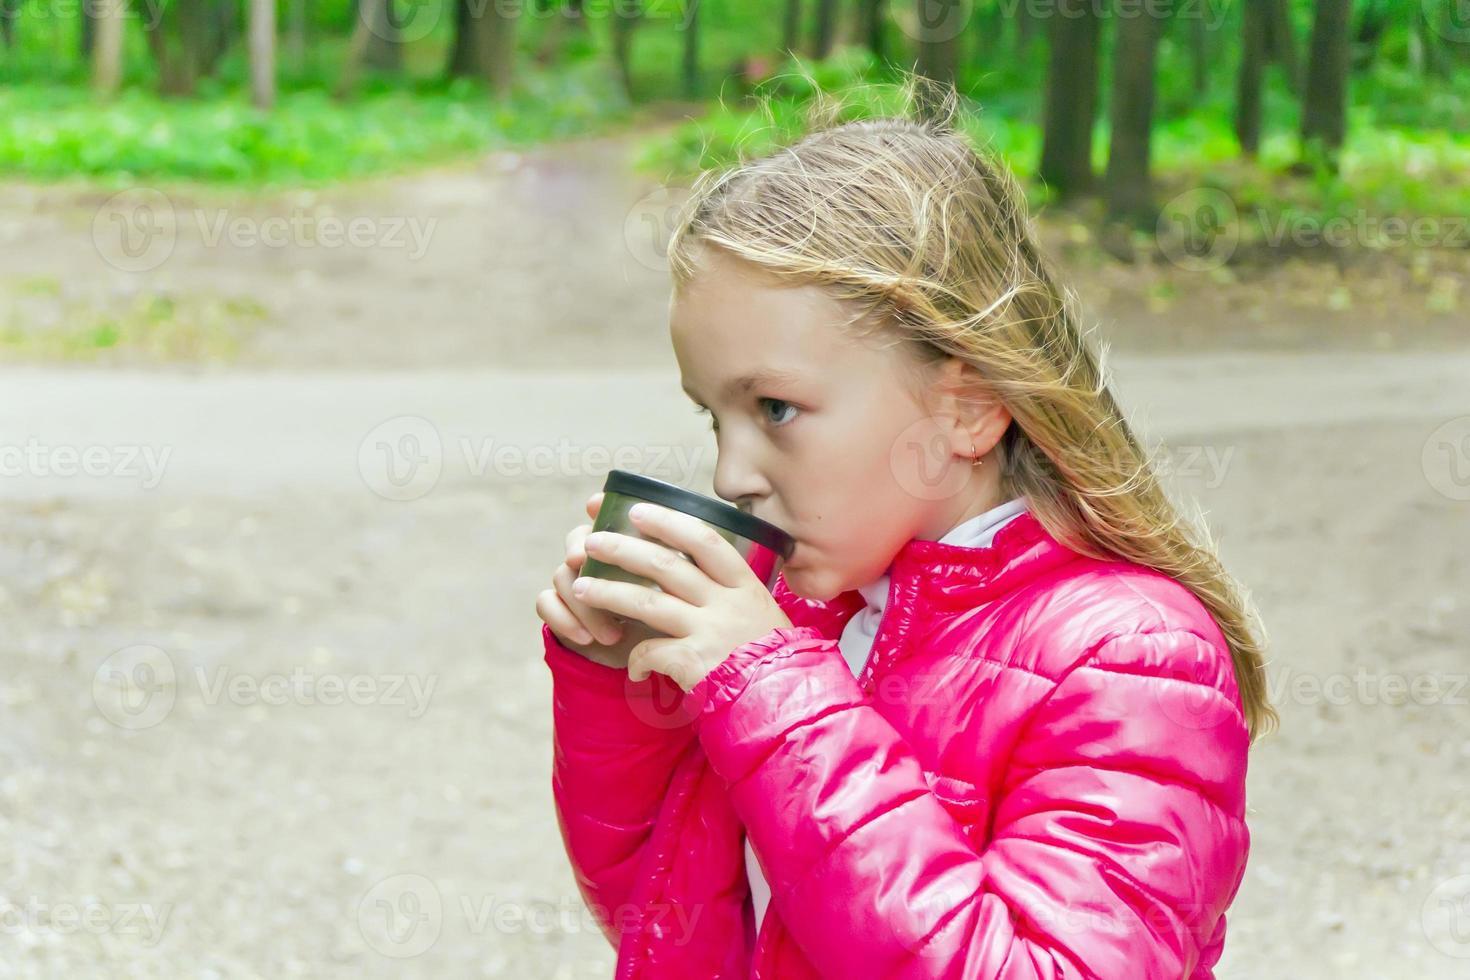 linda garota bebendo bebida foto